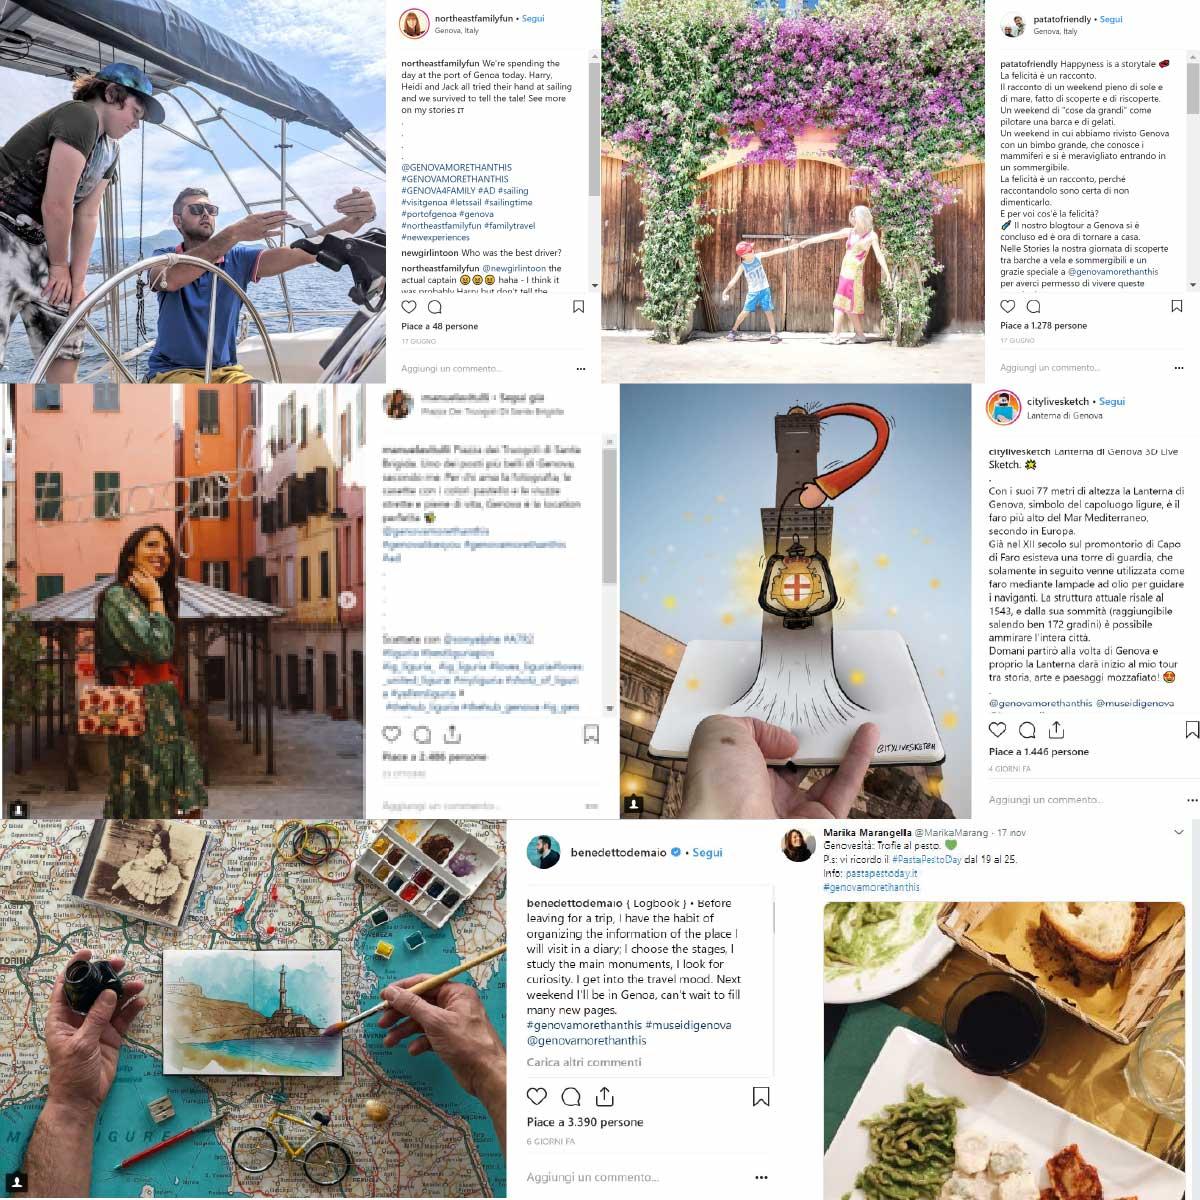 comune-di-genova-influencer-marketing-turismo-influencer-marketing-4